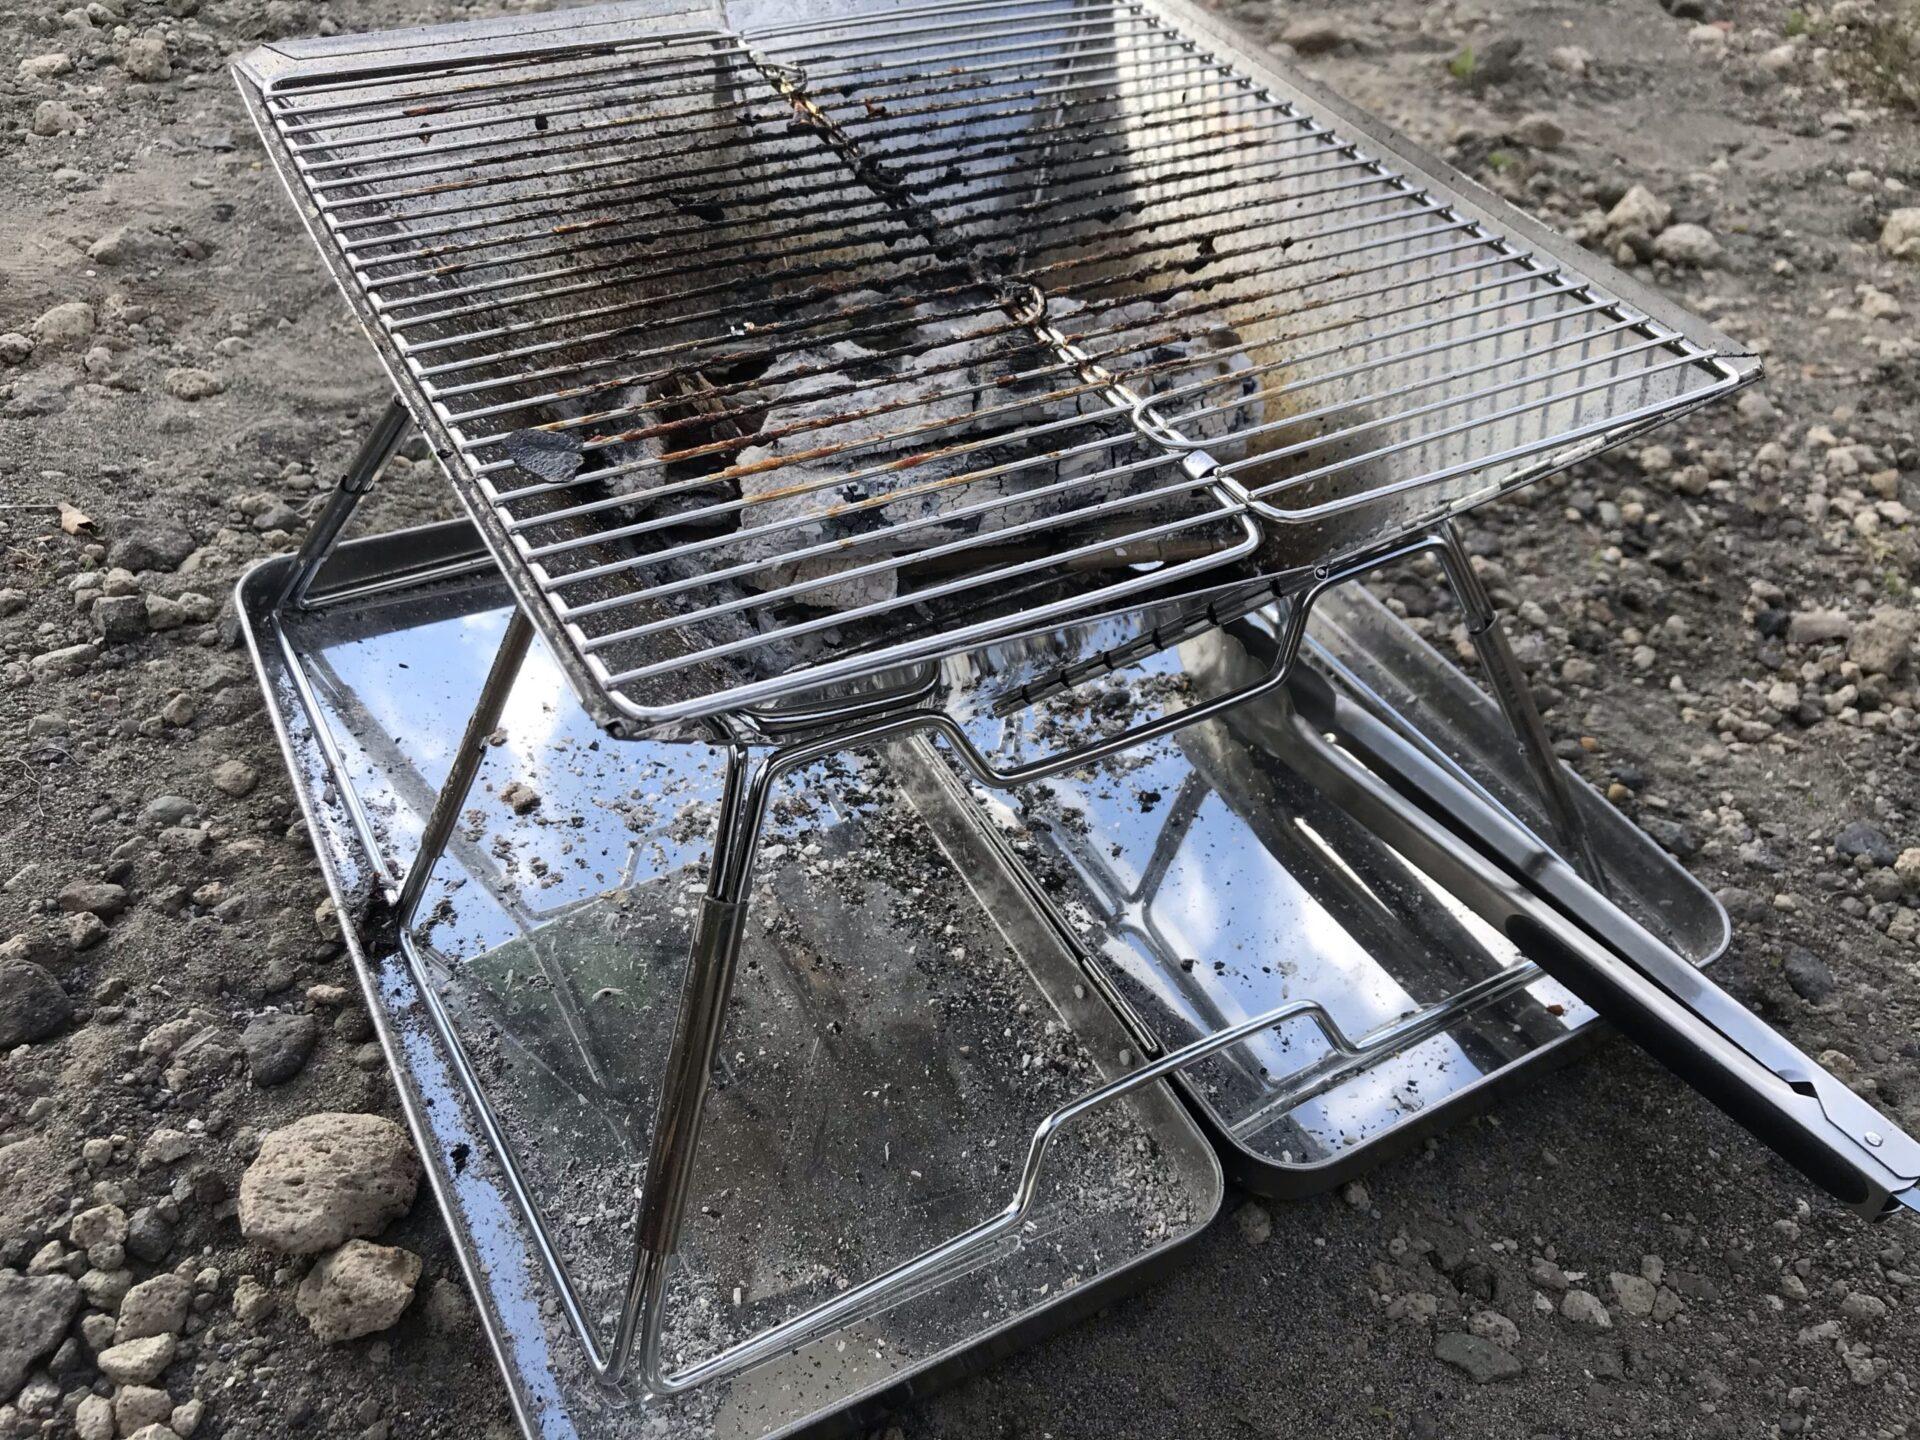 キャンプグリーブの焚き火台は炭と網の距離が近い為少ない炭で火力がある